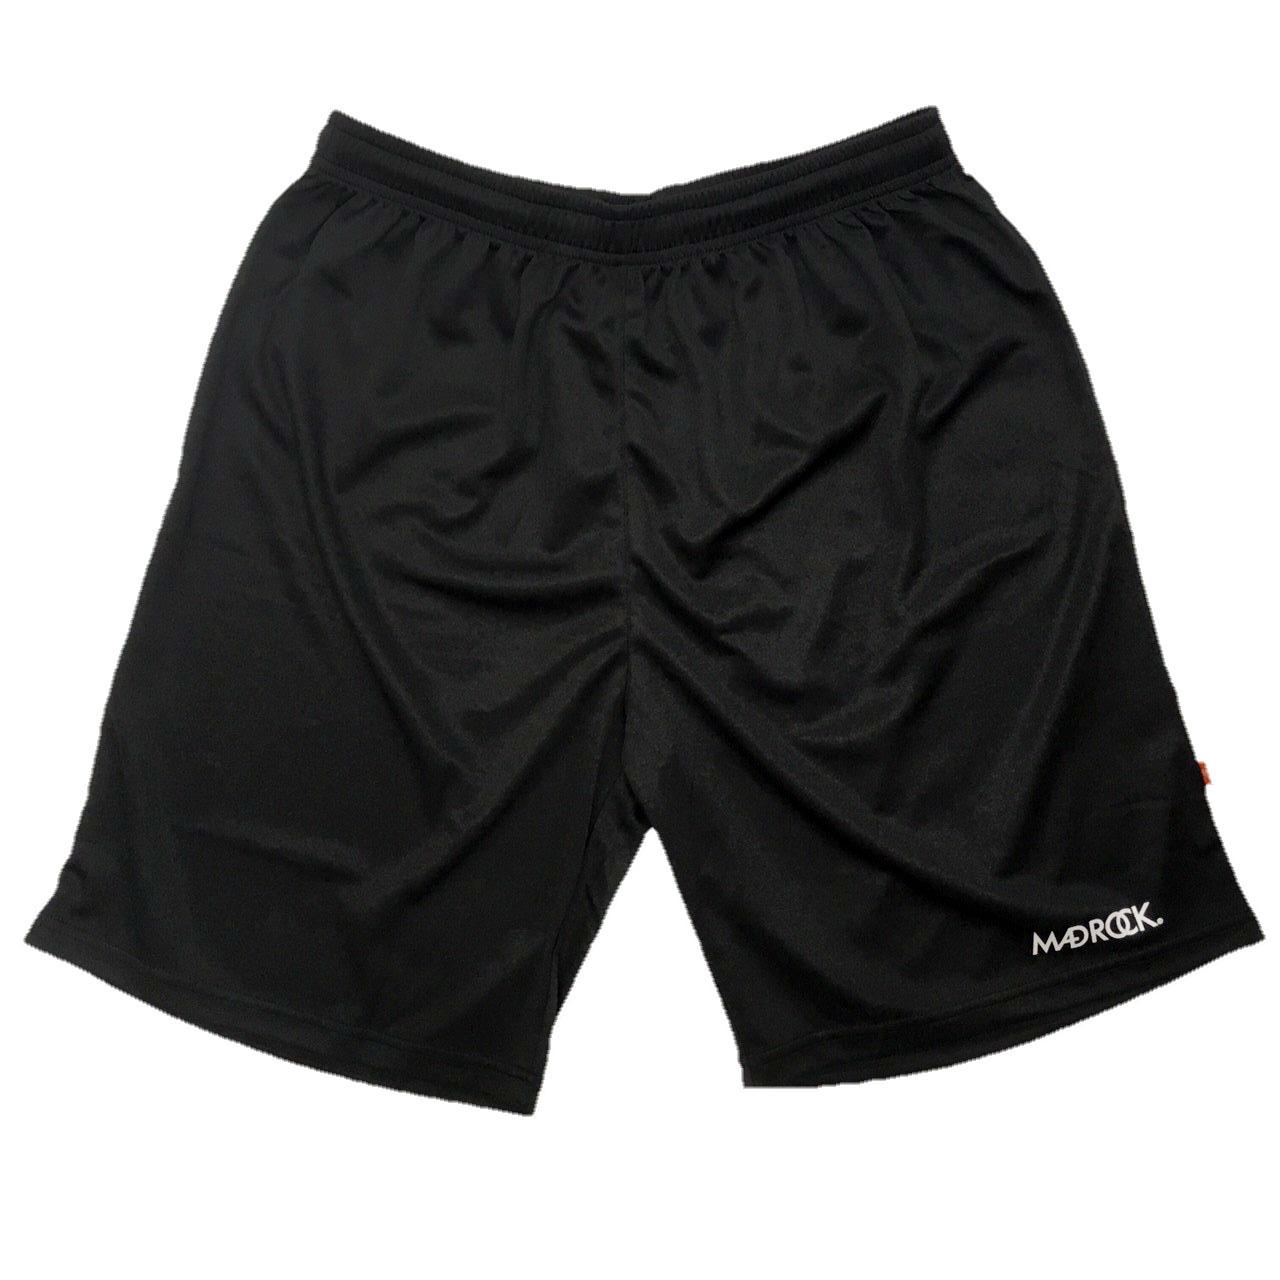 マッドロック / ベーシックバスケットボールパンツ / ドライタイプ / ブラック